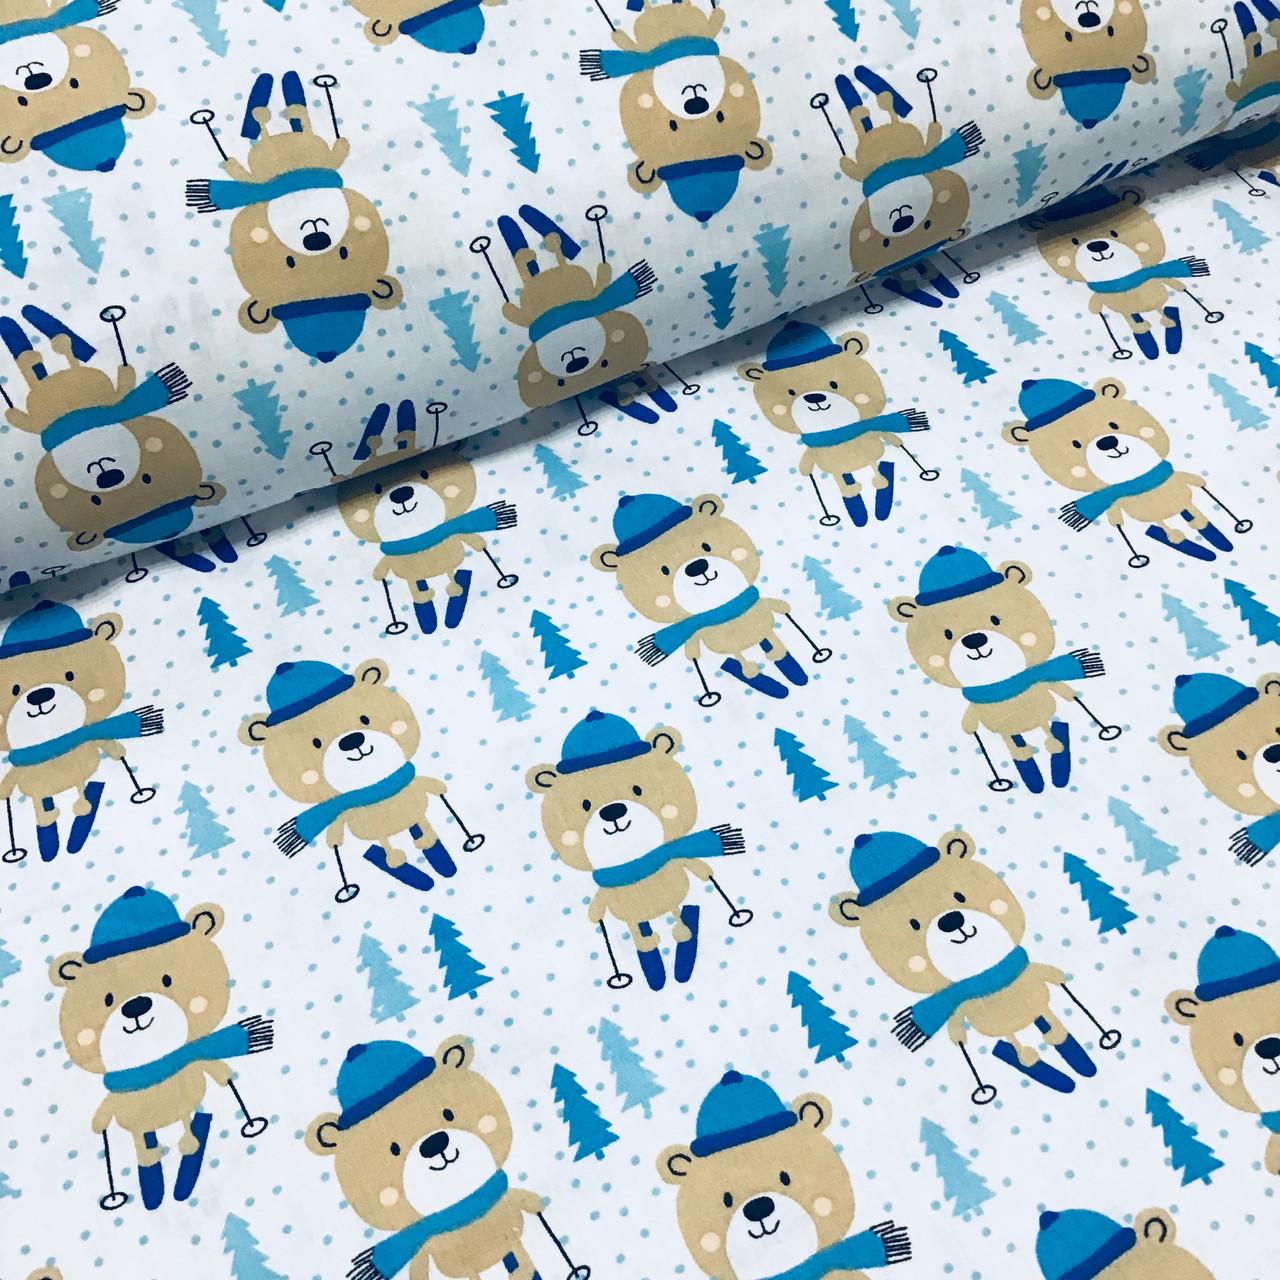 Ткань польская хлопковая, мишки в синих шарфиках на синих лыжах на белом